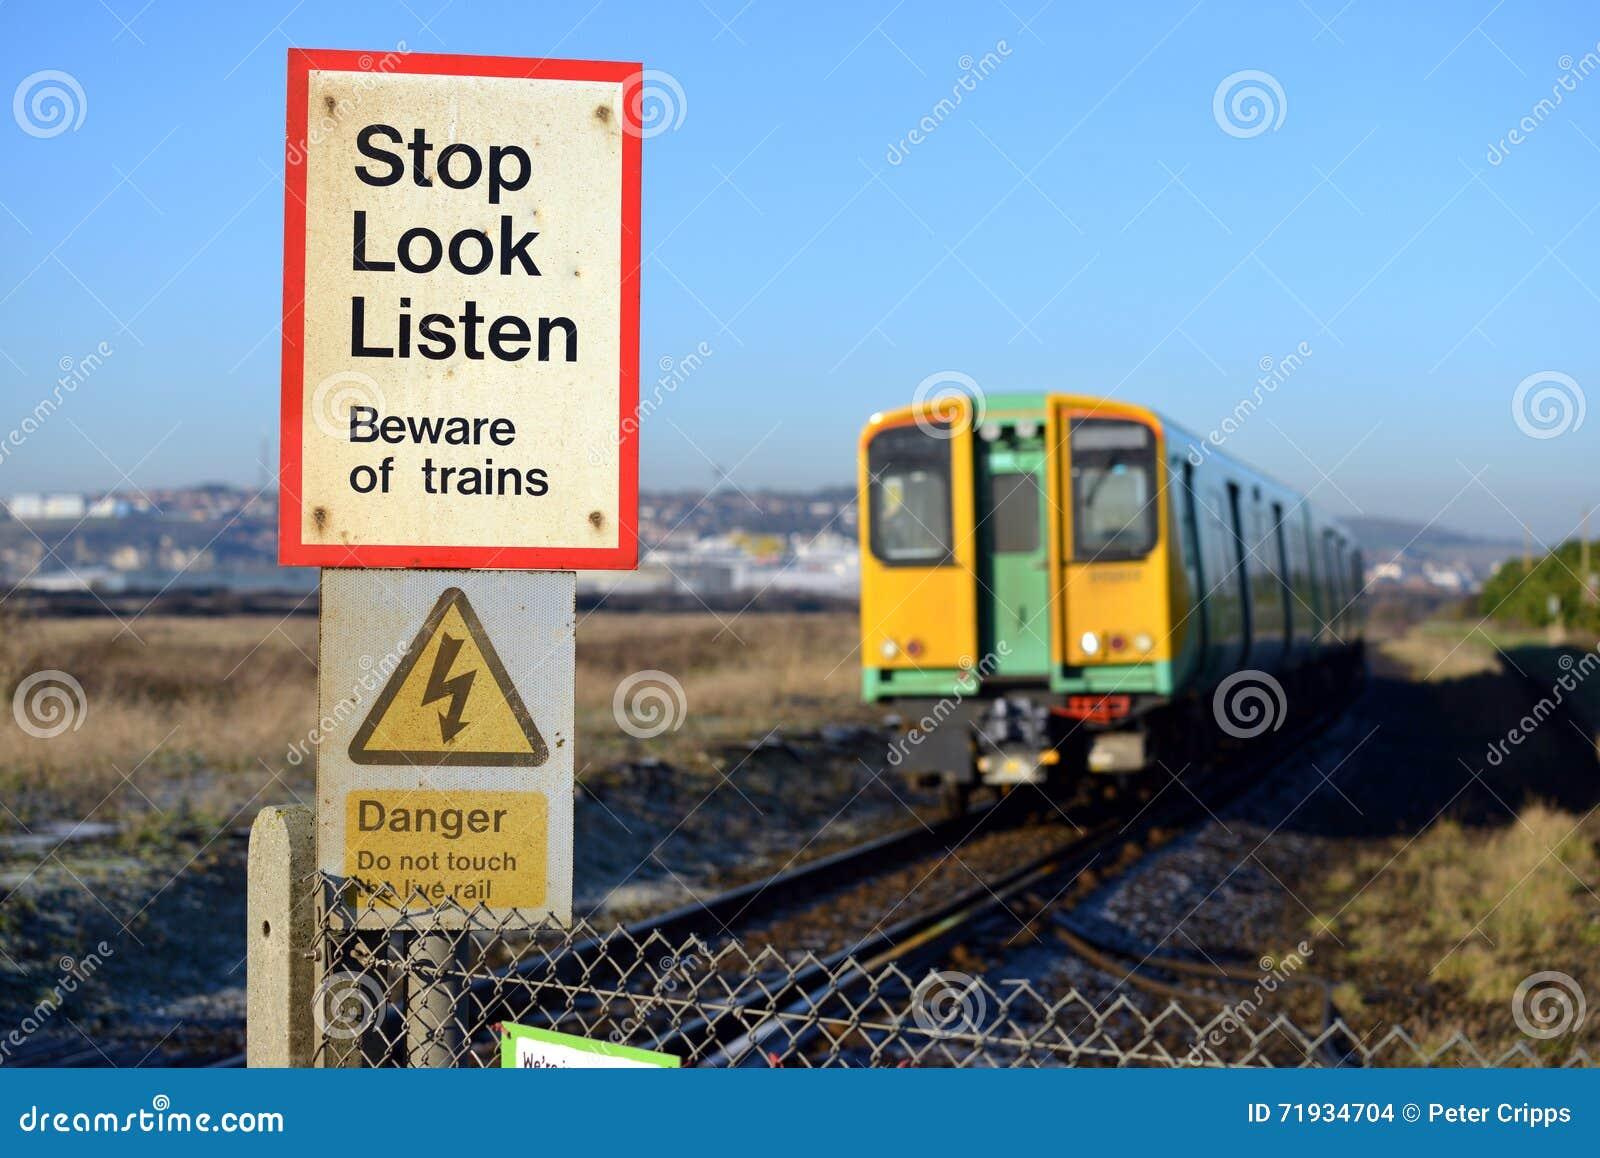 Остановите взгляд и послушайте